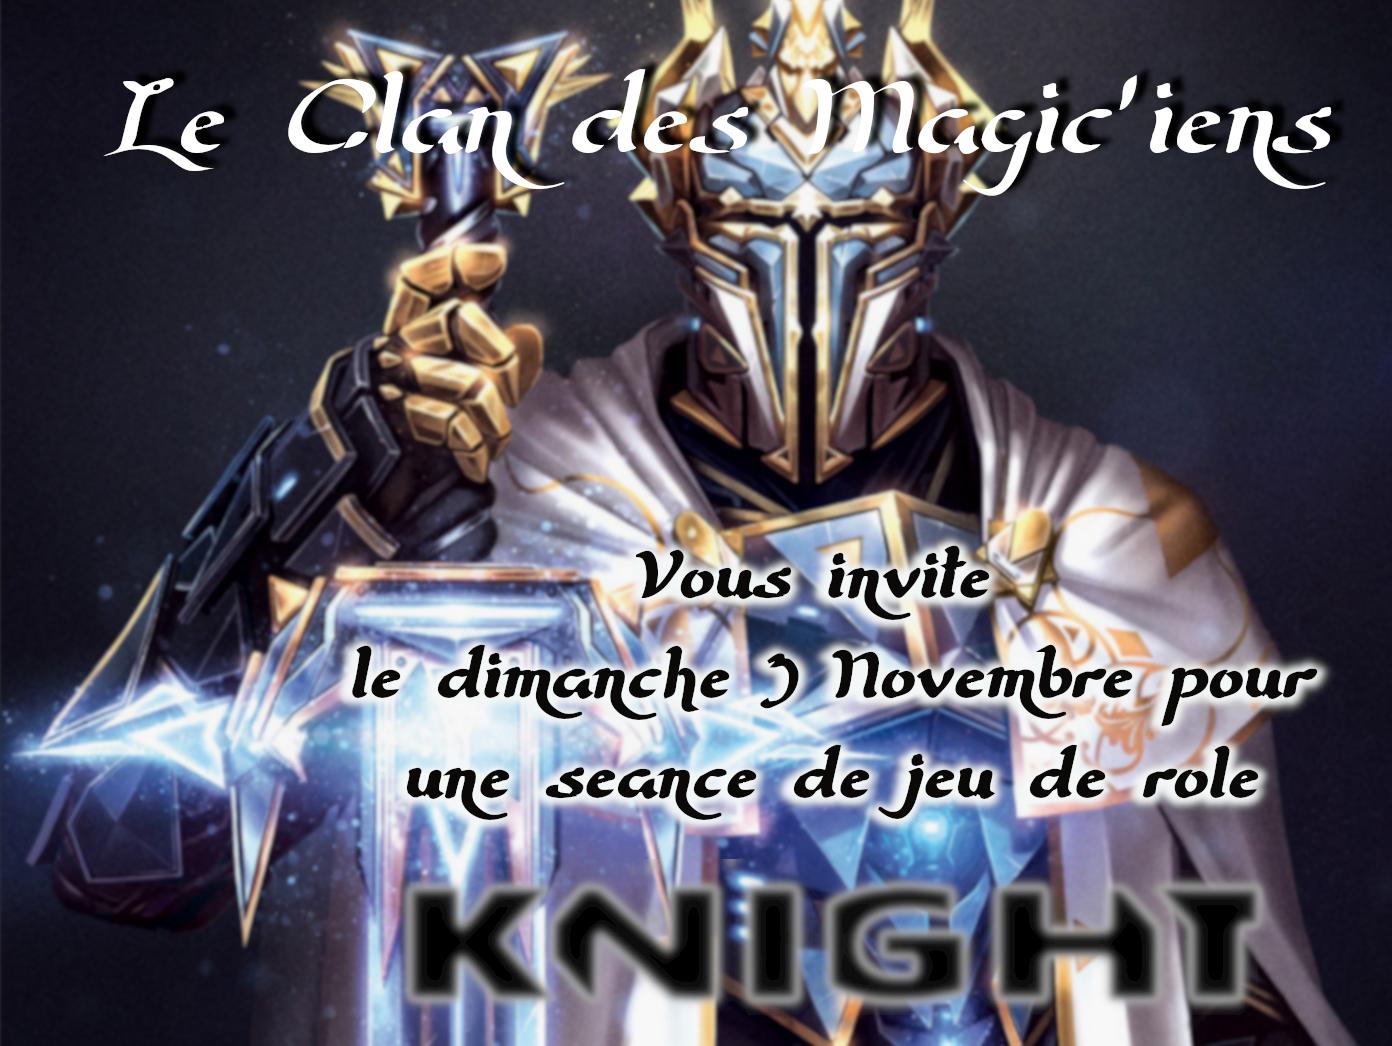 Dimanche 3 Novembre : jeu de Rôle (Knight) à partir de 14h ARvog